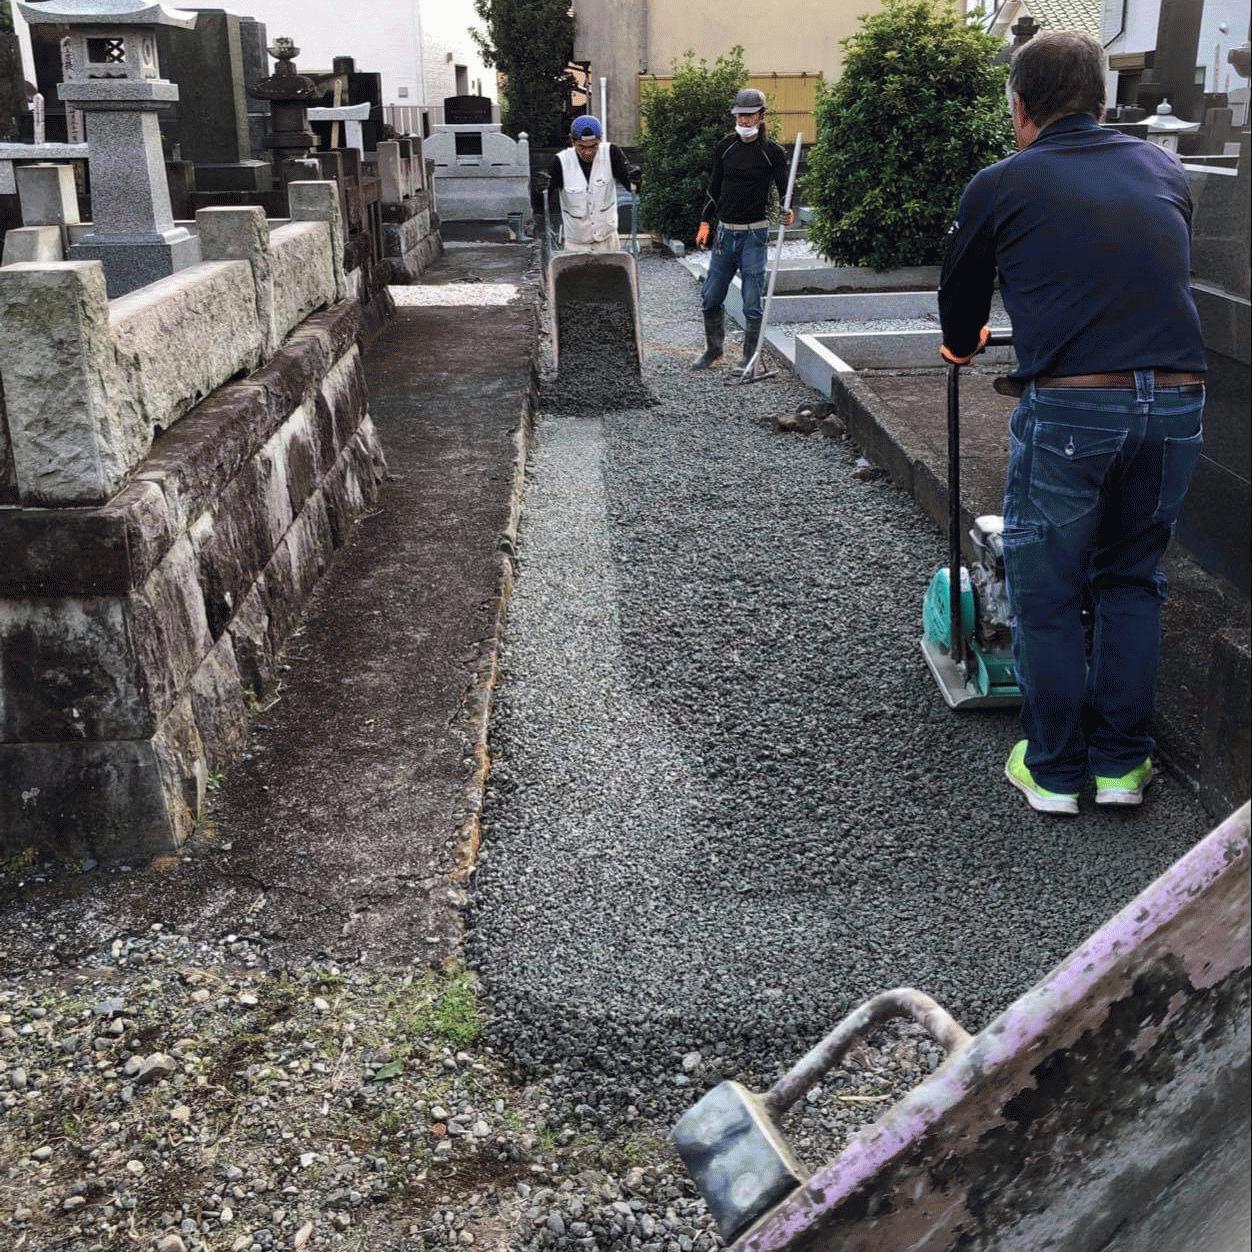 【静岡】「一輪車、生コンよりも全然軽い」「墓地の排水、雑草対策」朝倉建設